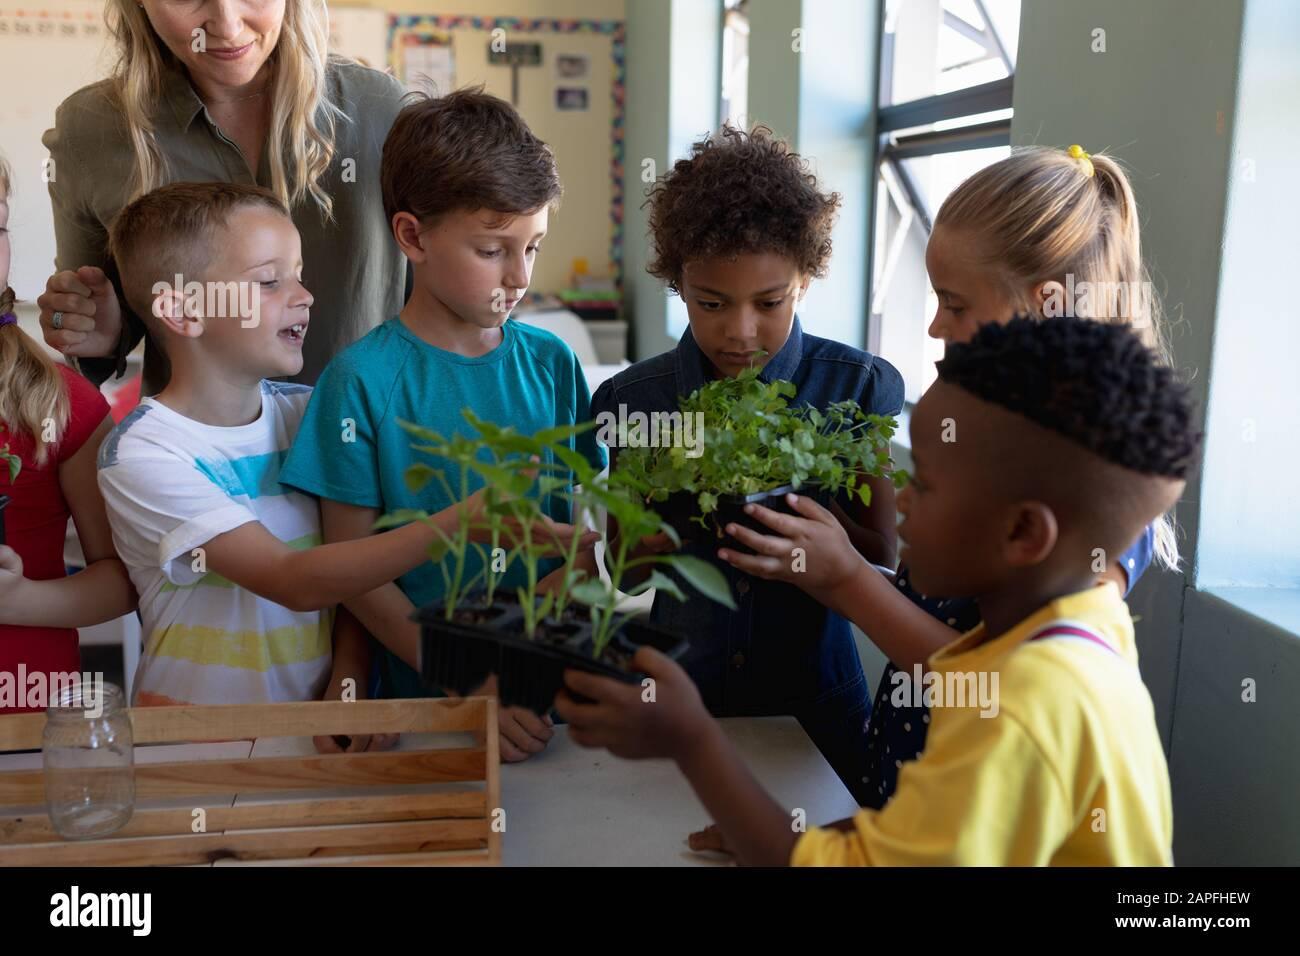 Profesora alrededor de una caja de plantas para una lección de estudio de la naturaleza en un salón de clases de la escuela primaria Foto de stock